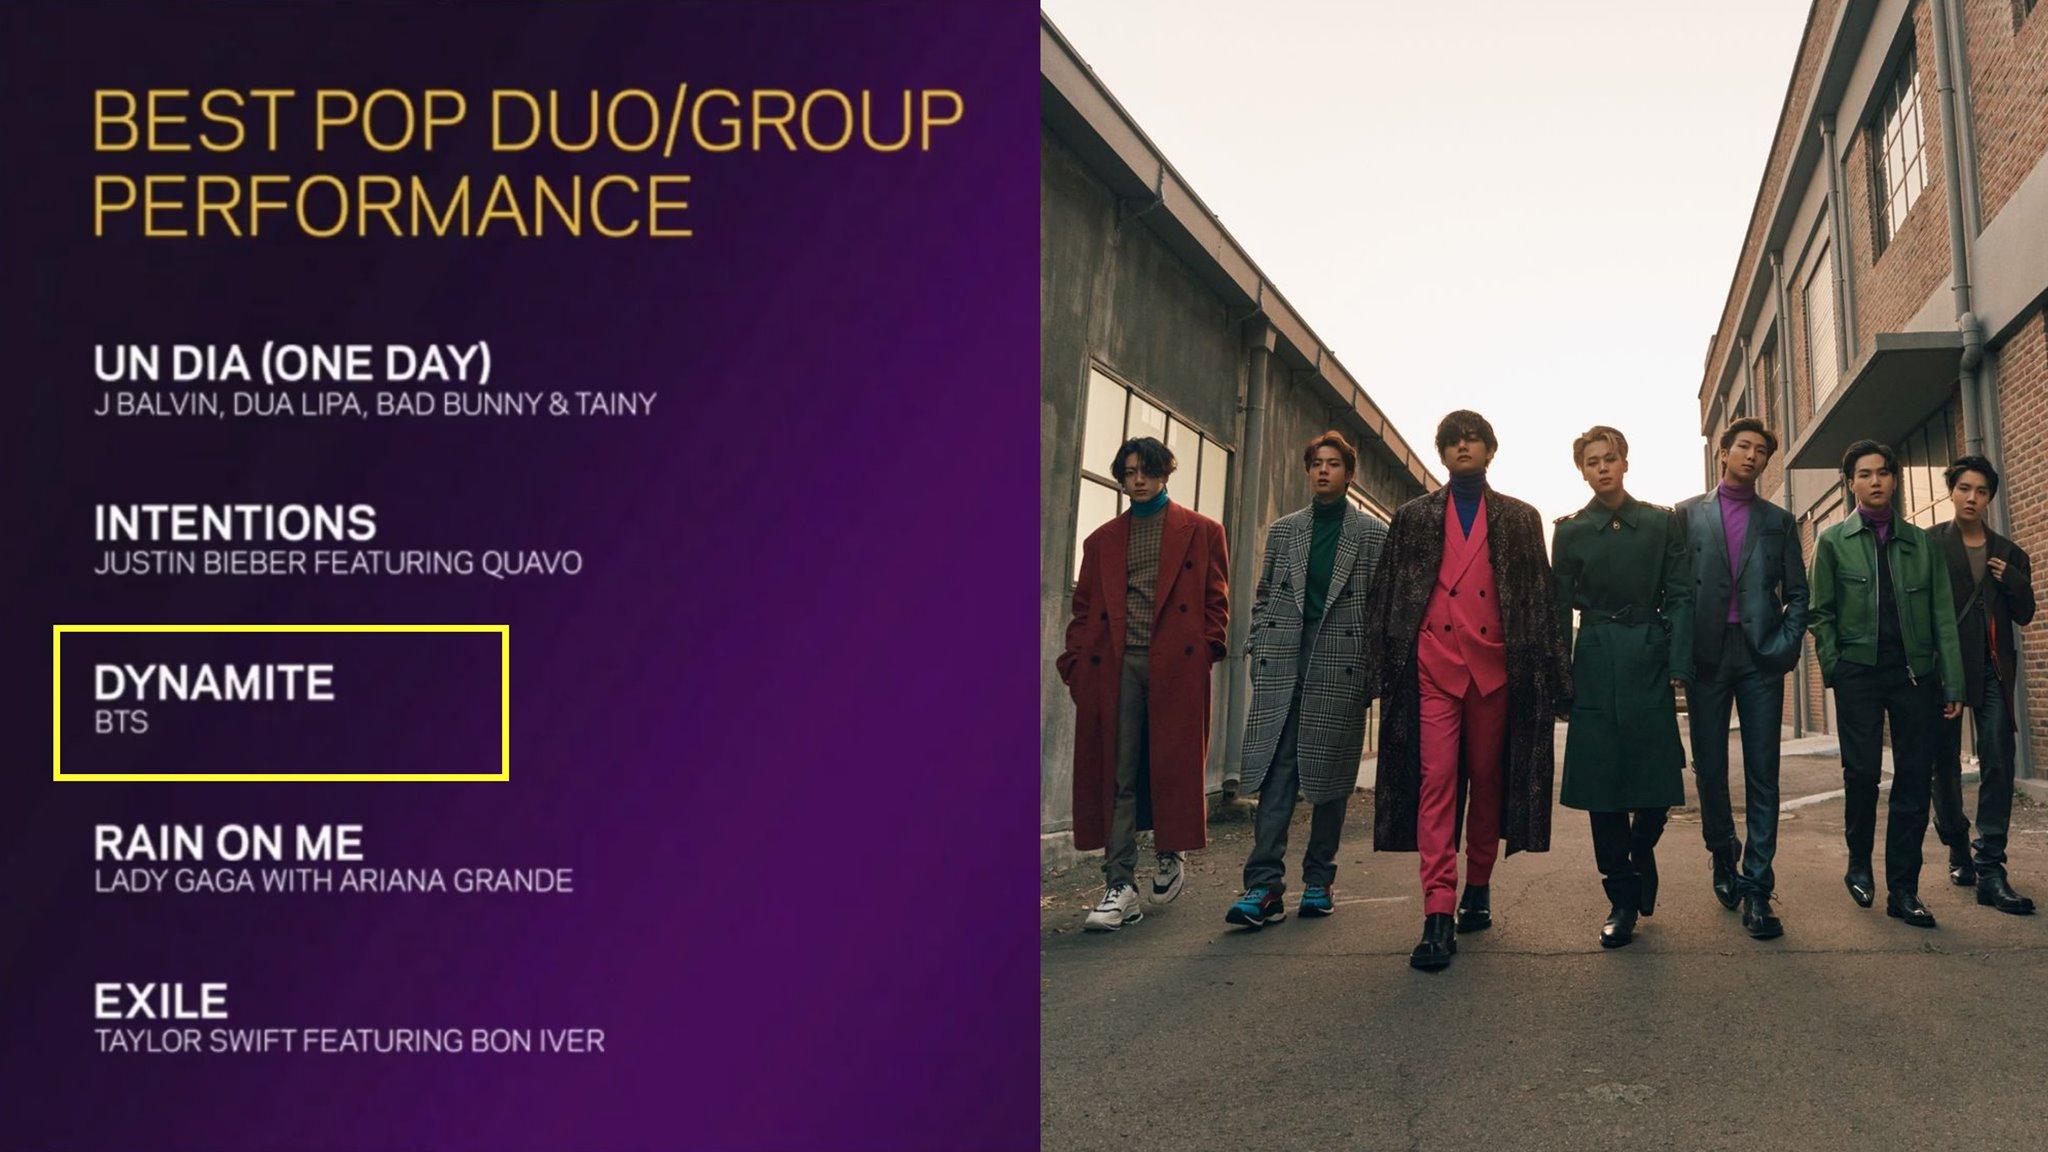 Và mới gần đây BTS đã nhận được đề cử Grammy